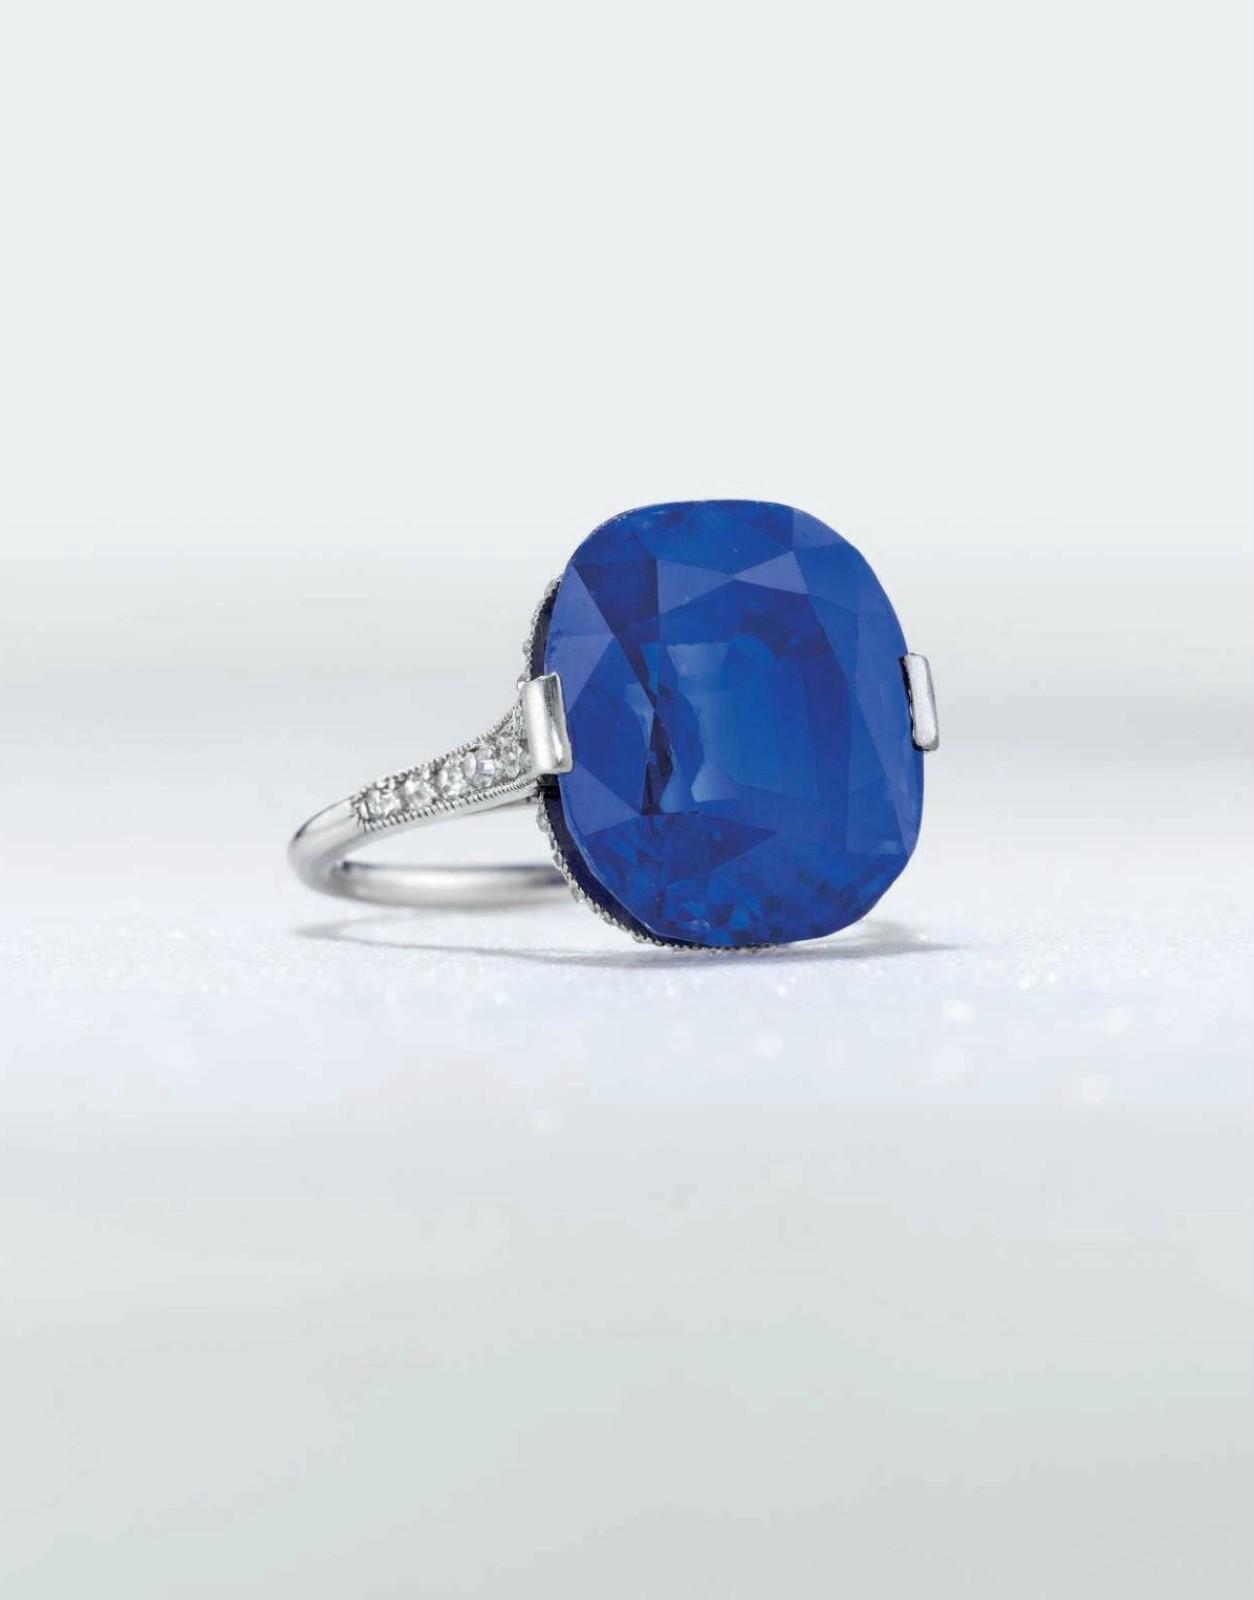 藍寶石戒指的價格與鉆石戒指價格相比哪個更高?